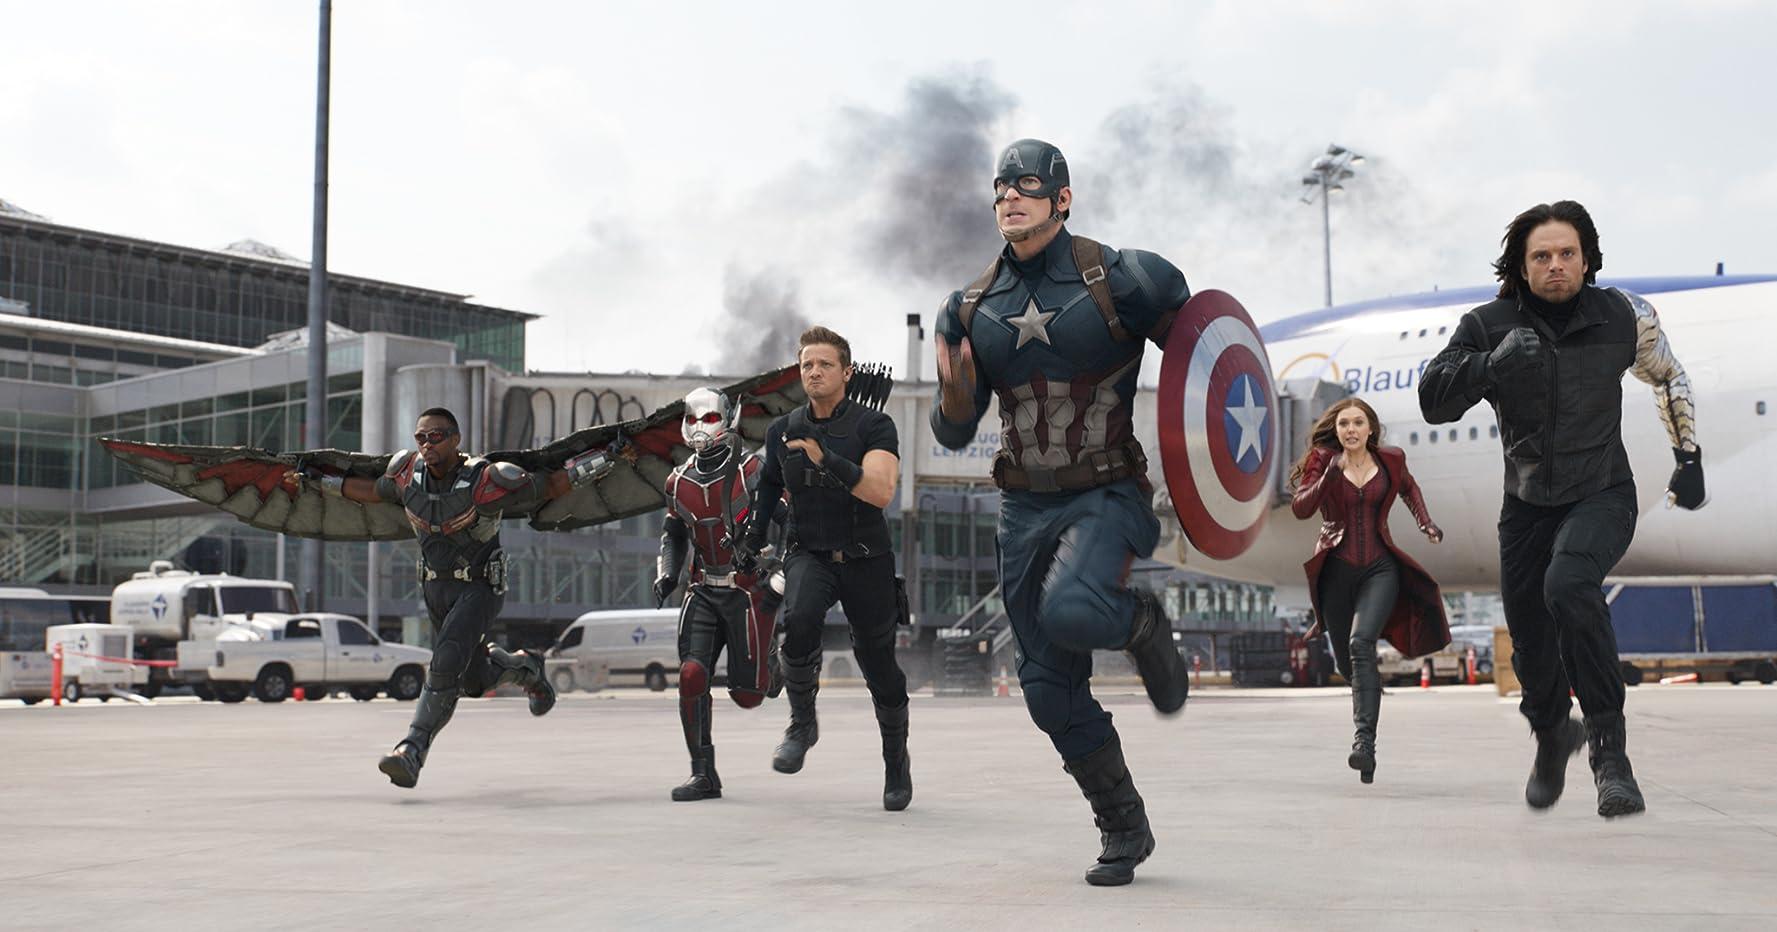 Chris Evans, Elizabeth Olsen, Jeremy Renner, Paul Rudd, Anthony Mackie, and Sebastian Stan in Captain America: Civil War (2016)